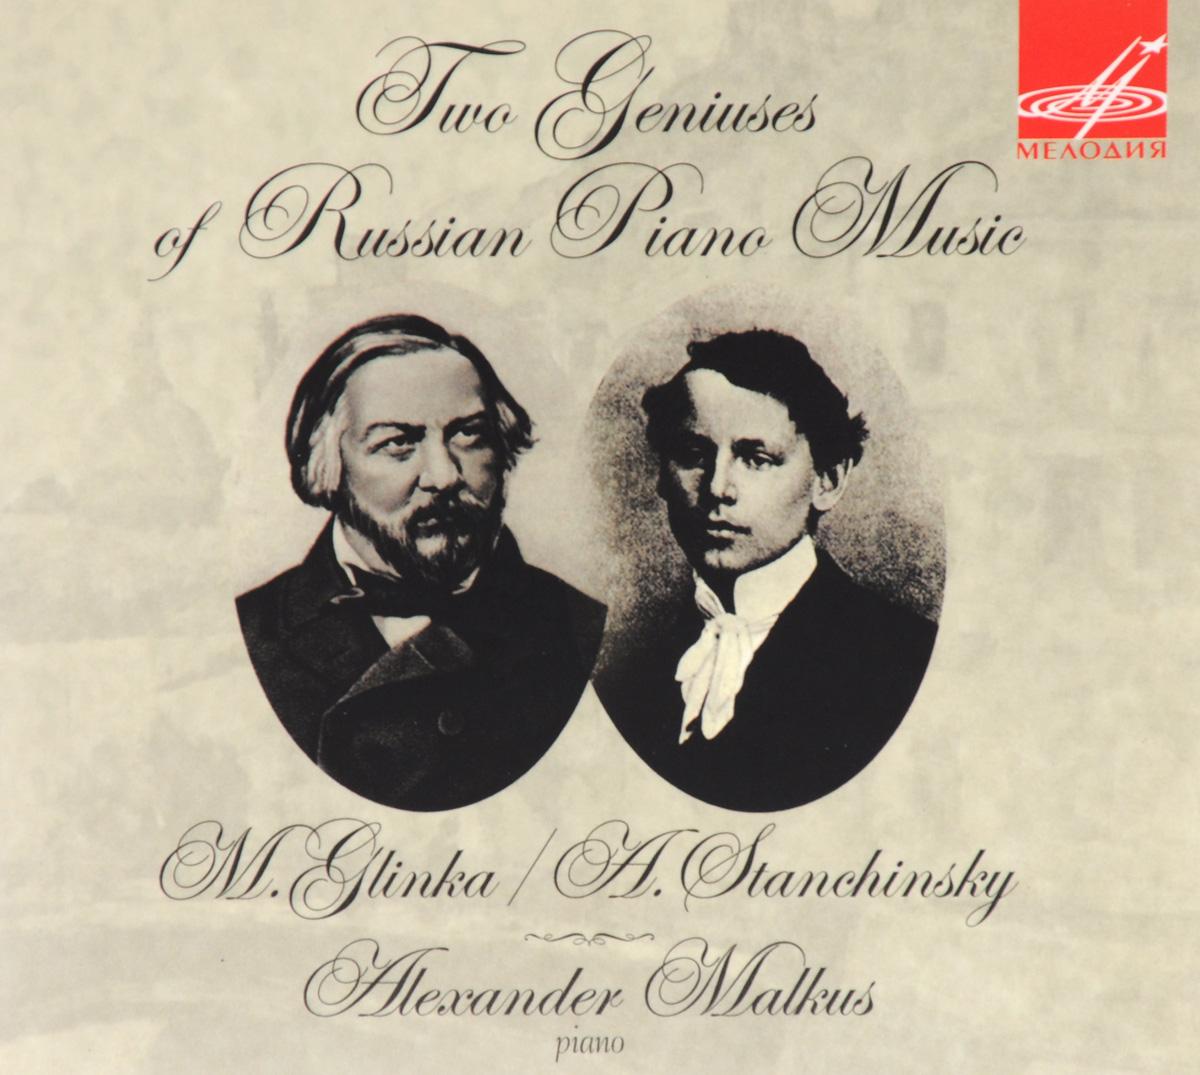 Издание содержит 16-страничный буклет с дополнительной информацией на русском и английском языках.